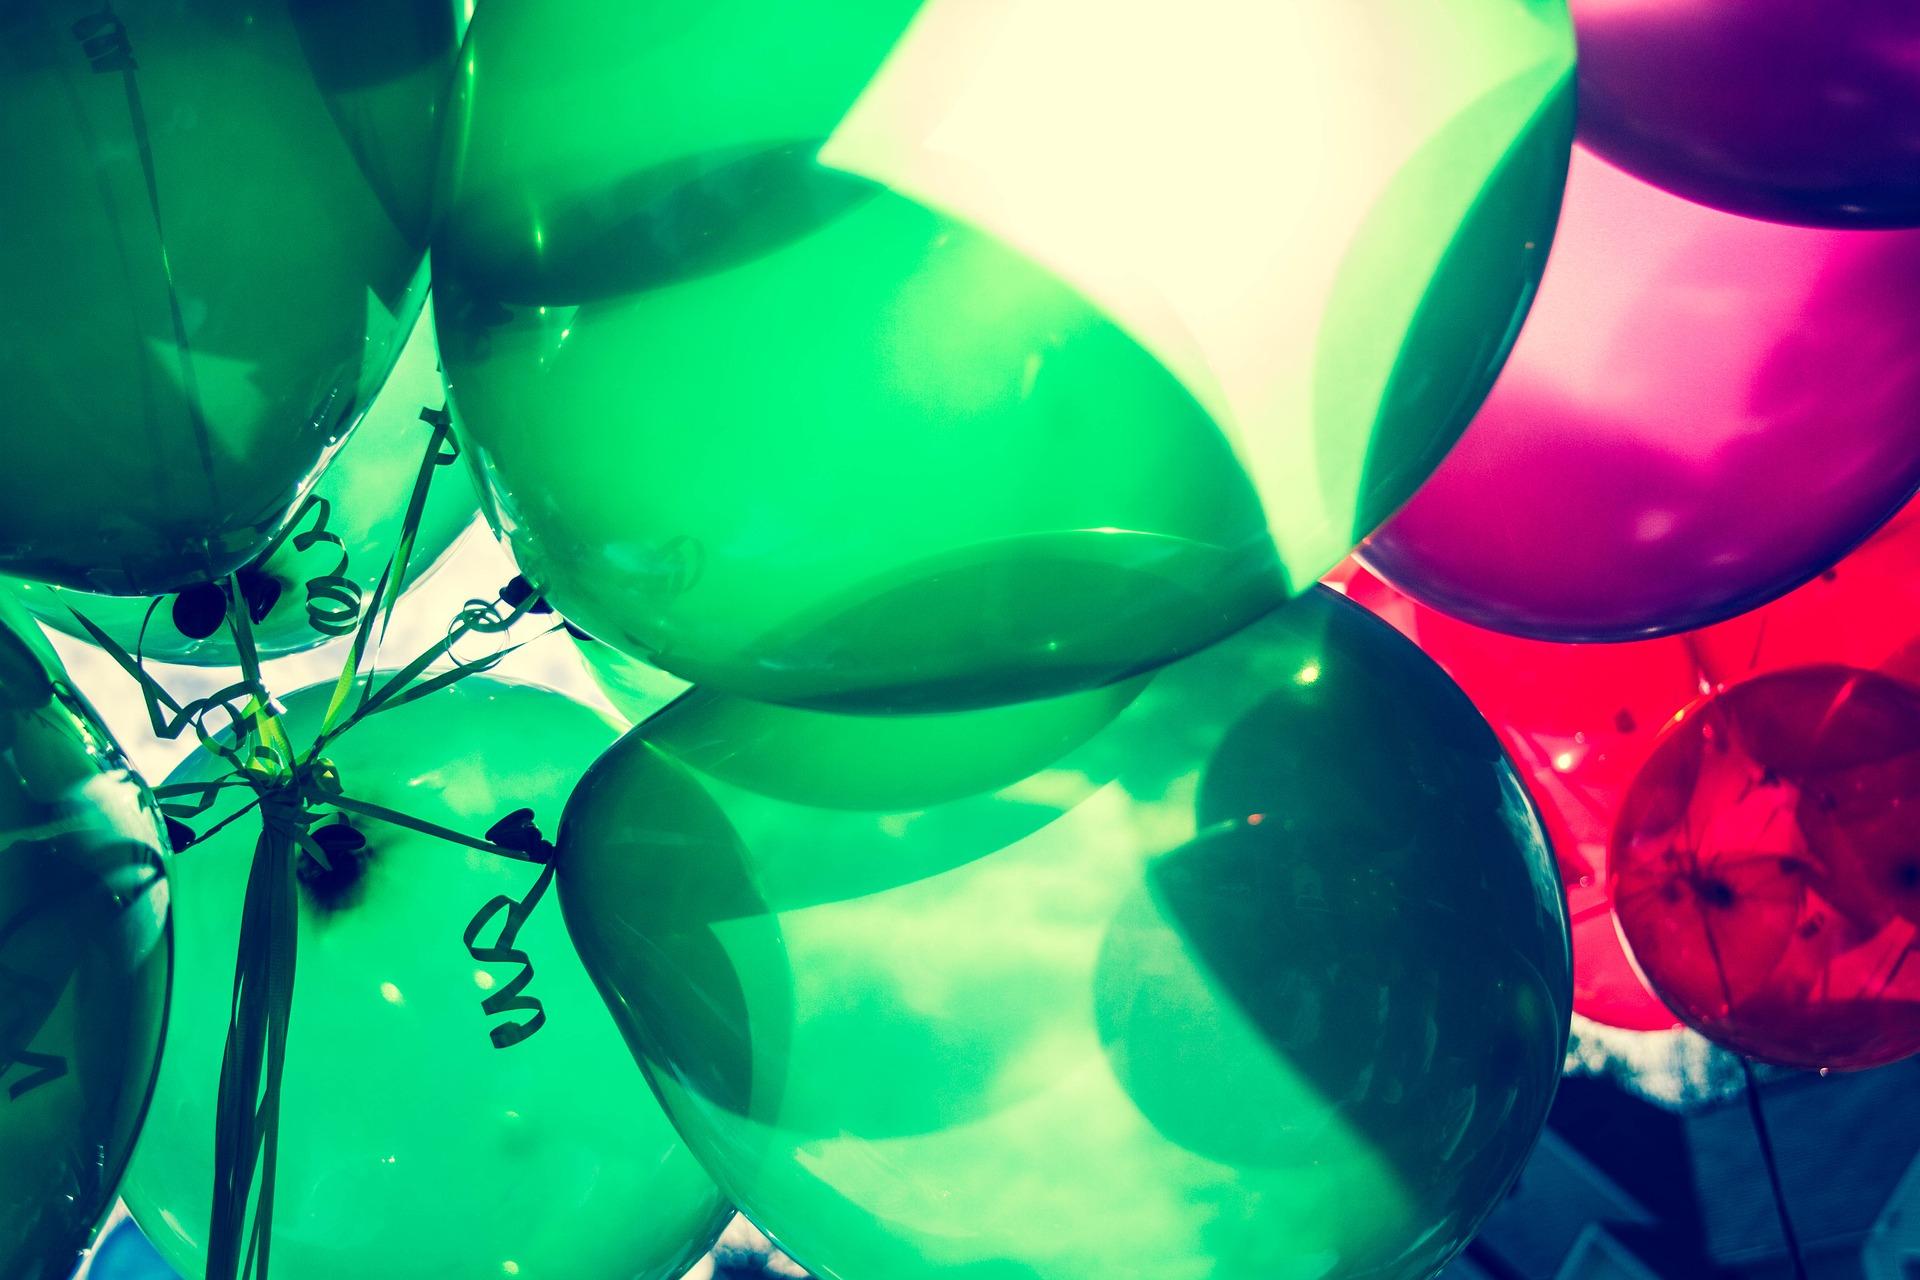 Tipp 9: 20. Familienfest Mahlsdorf, veranstaltet von Mario Czaja (CDU) und dem VDGN. Sa/So, 17./18.8. Komplettes Programm auf https://familienfestmahlsdorf.wordpress.com, © Pexels, Pixabay